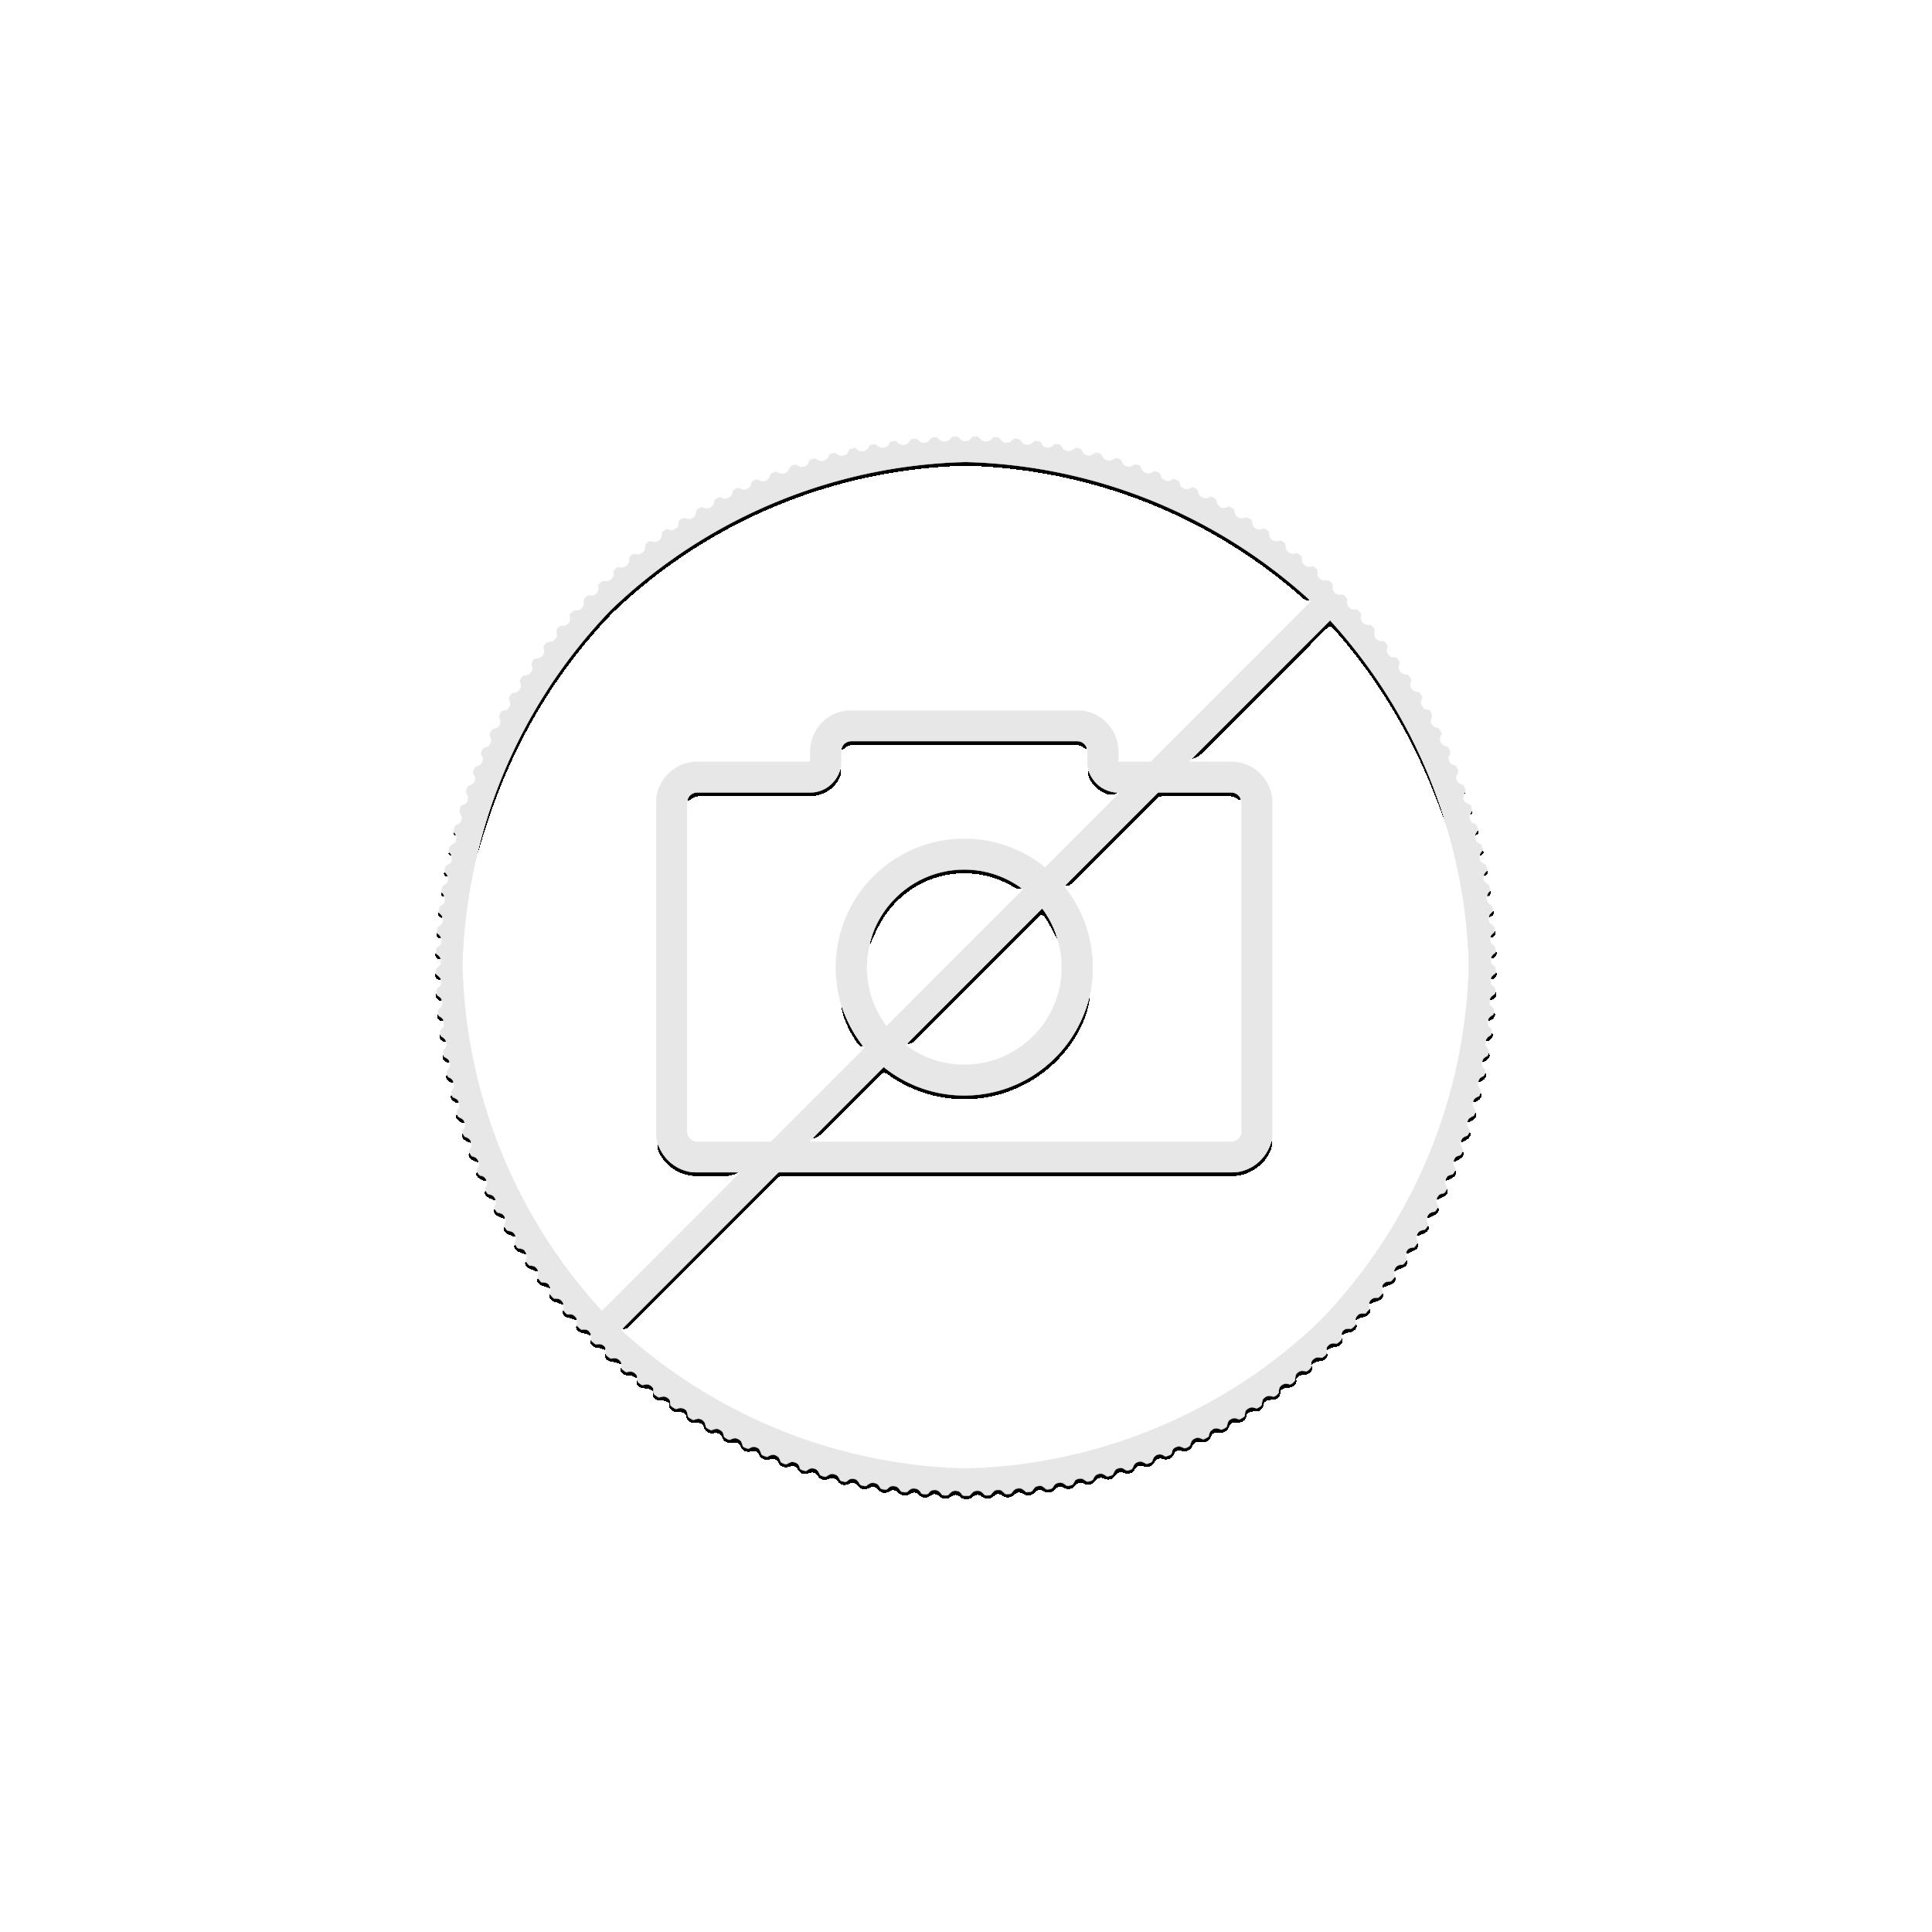 Box of 10x Leuchtturm protective Quadrum coin capsules 41 mm